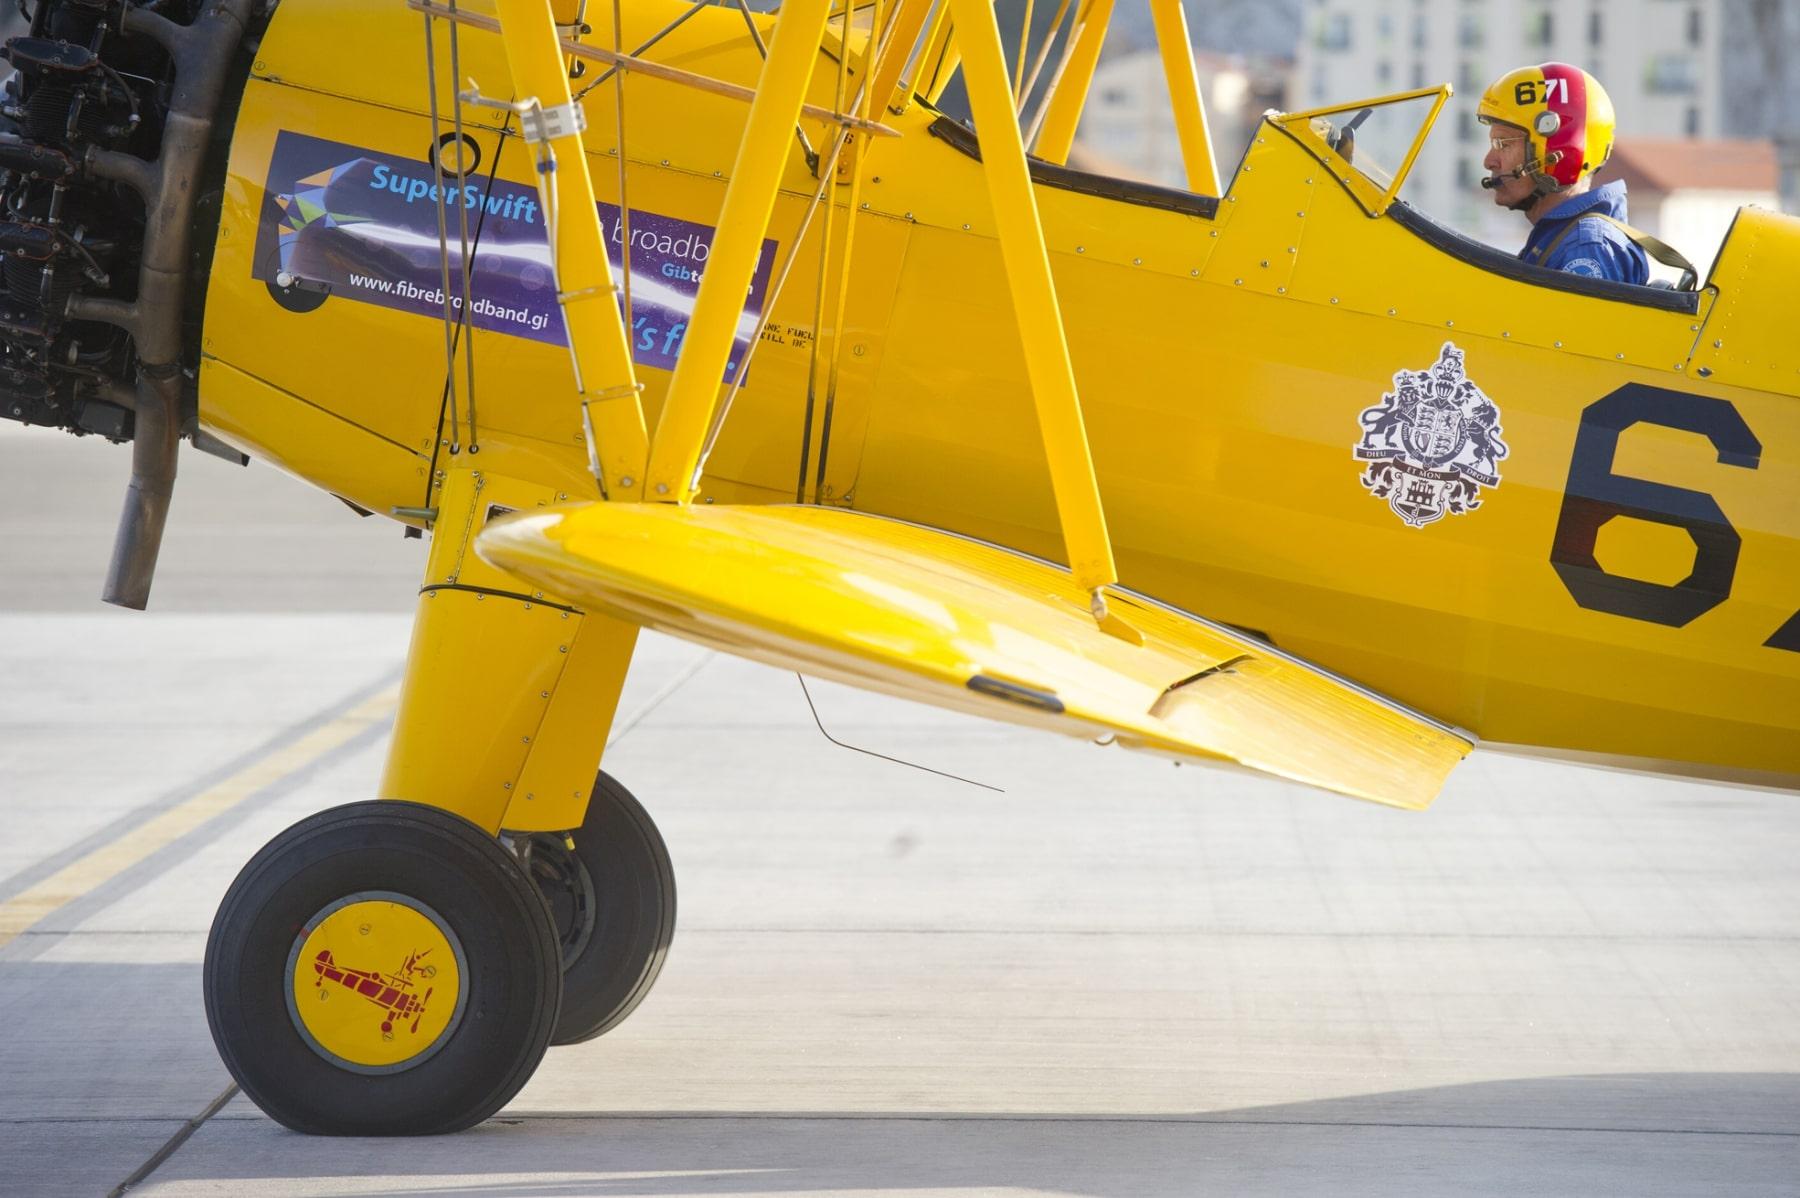 tom-lackey-acrobata-aereo-de-94-anos-en-gibraltar-10102014-26_15513087691_o